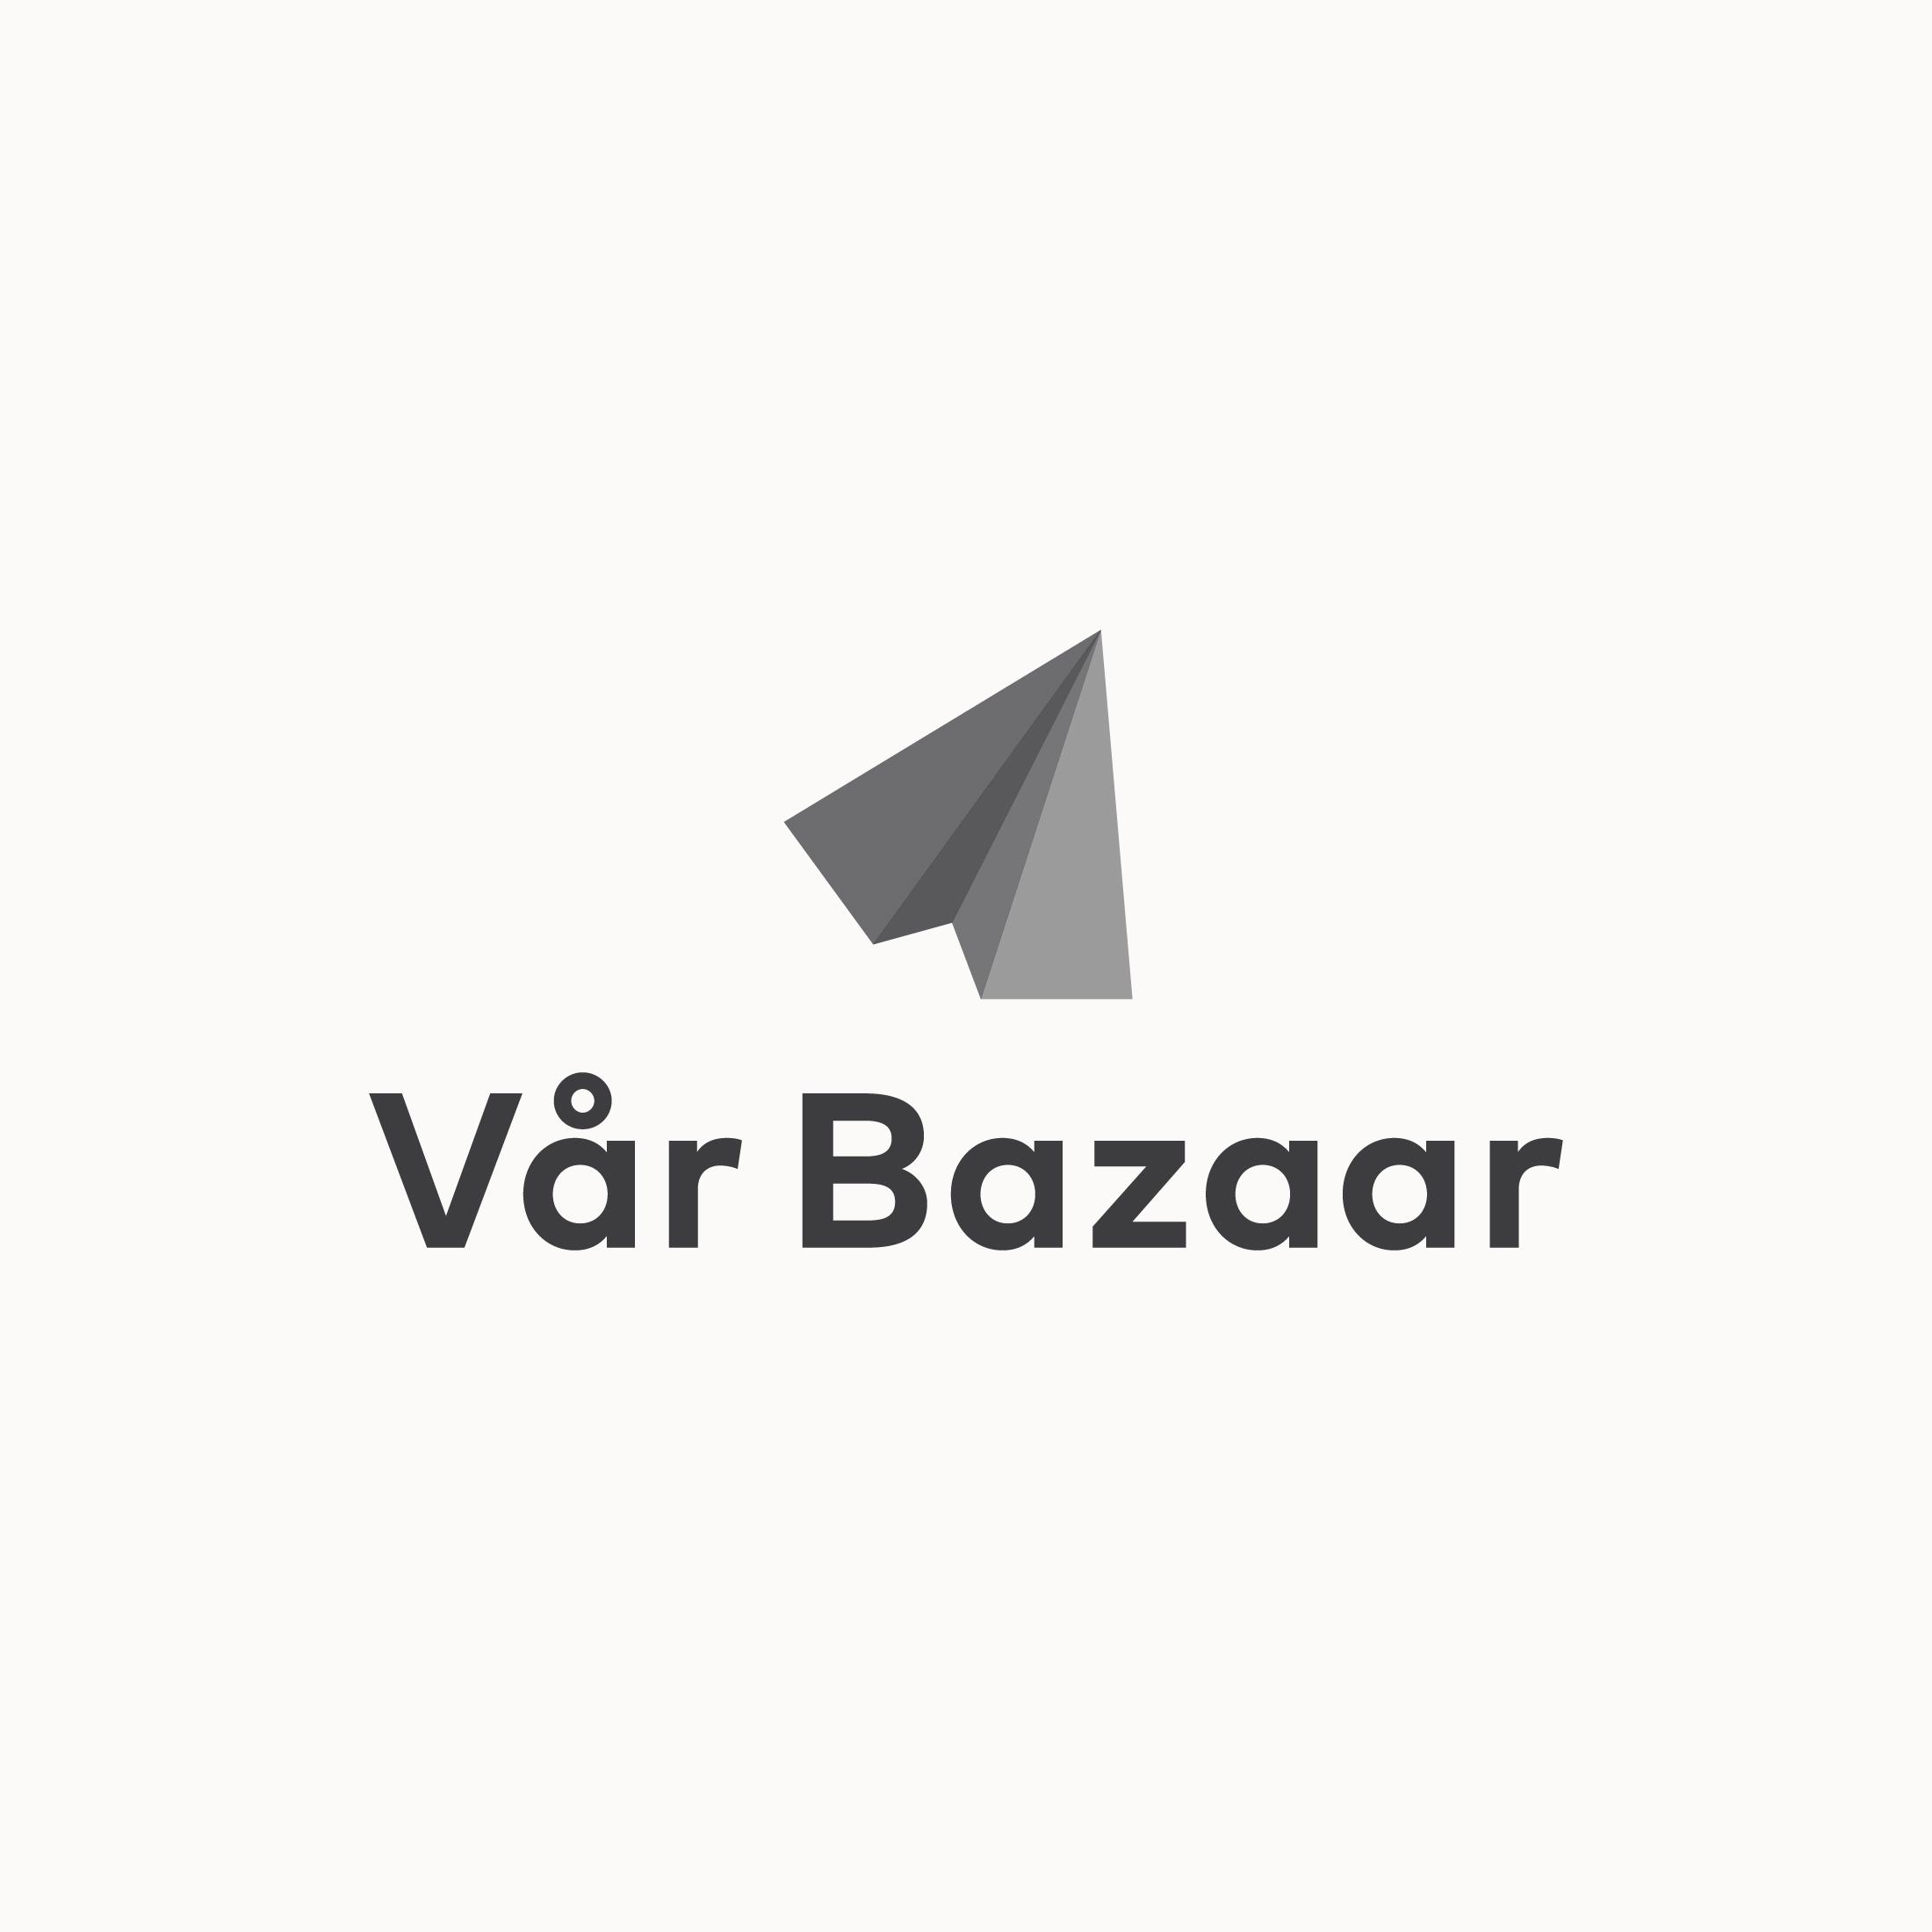 Vår Bazaar